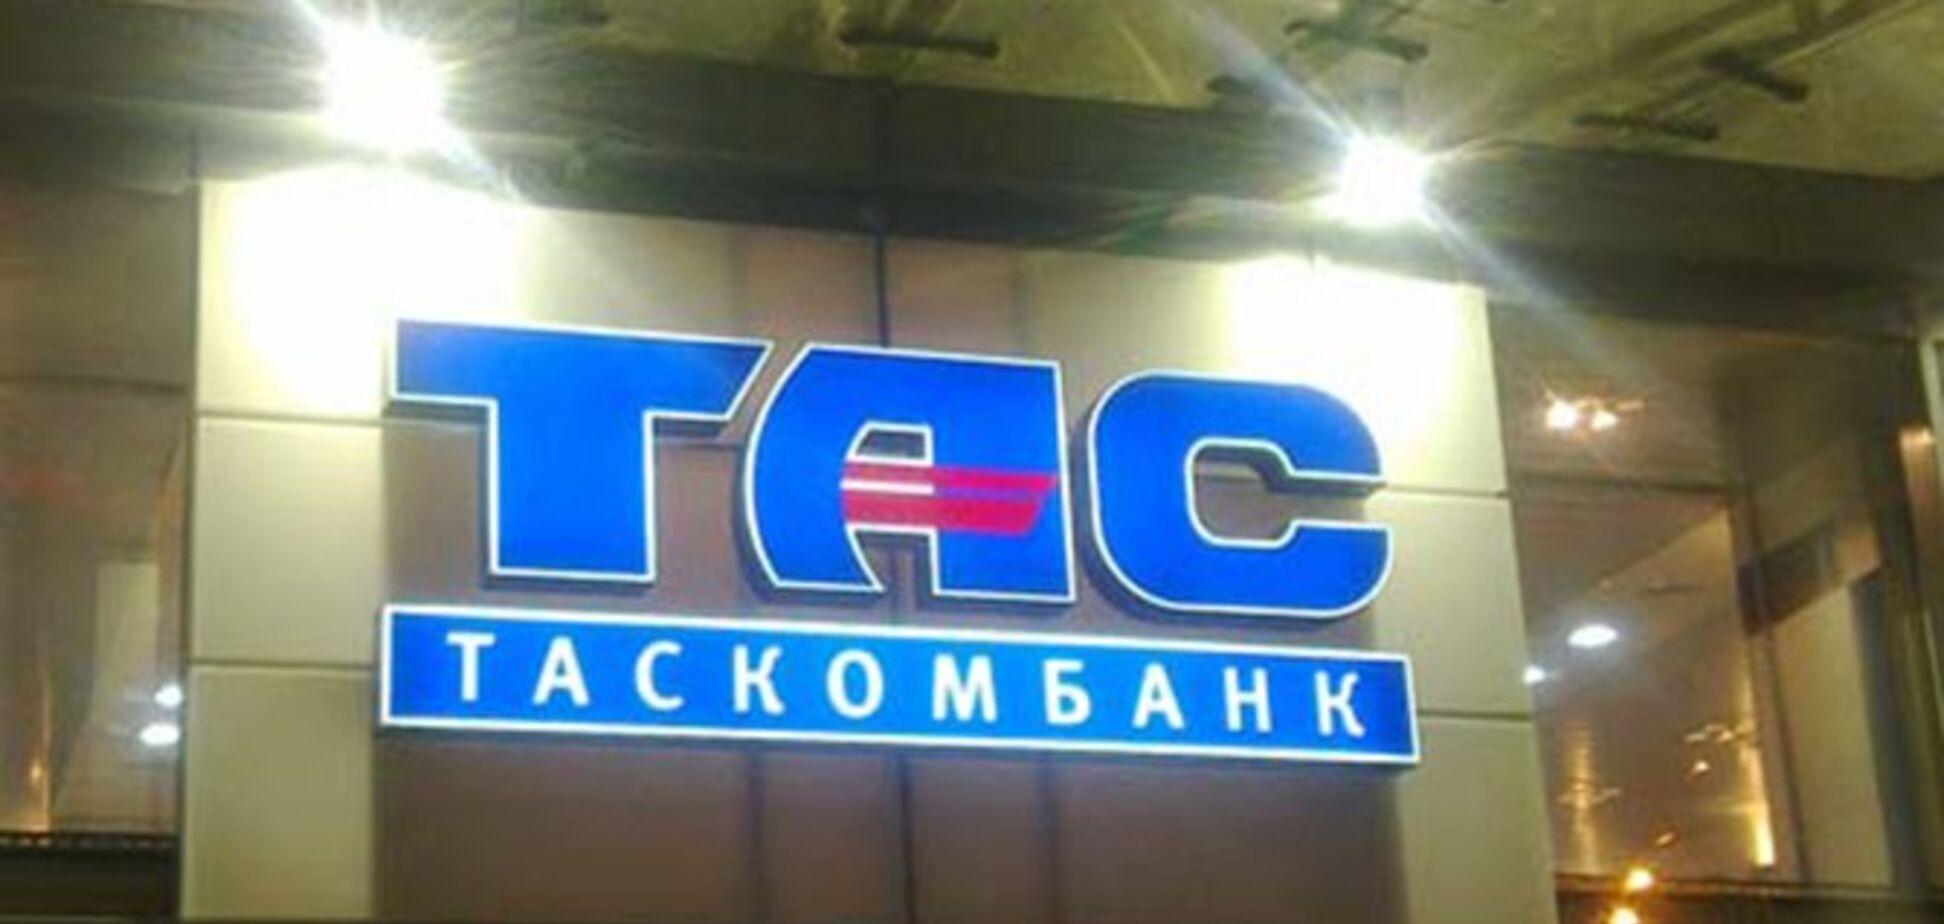 ТАСКОМБАНК почав cпівпрацю з ЄІБ для фінансування бізнесу